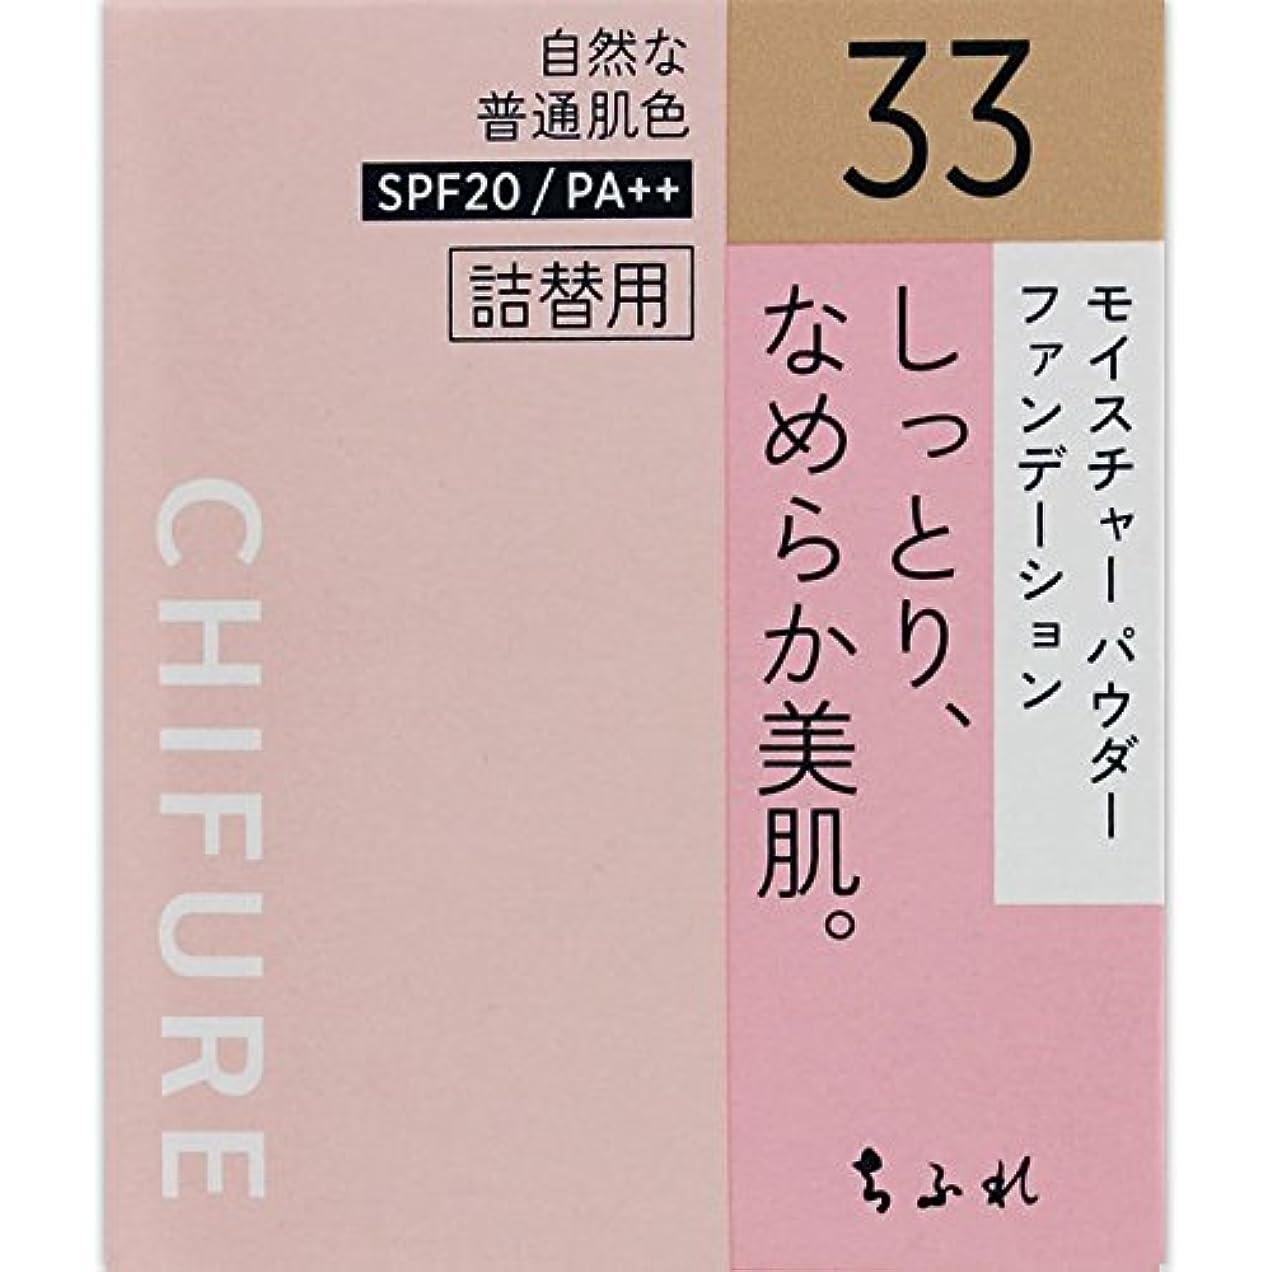 気体のデータム固執ちふれ化粧品 モイスチャー パウダーファンデーション 詰替用 オークル系 MパウダーFD詰替用33